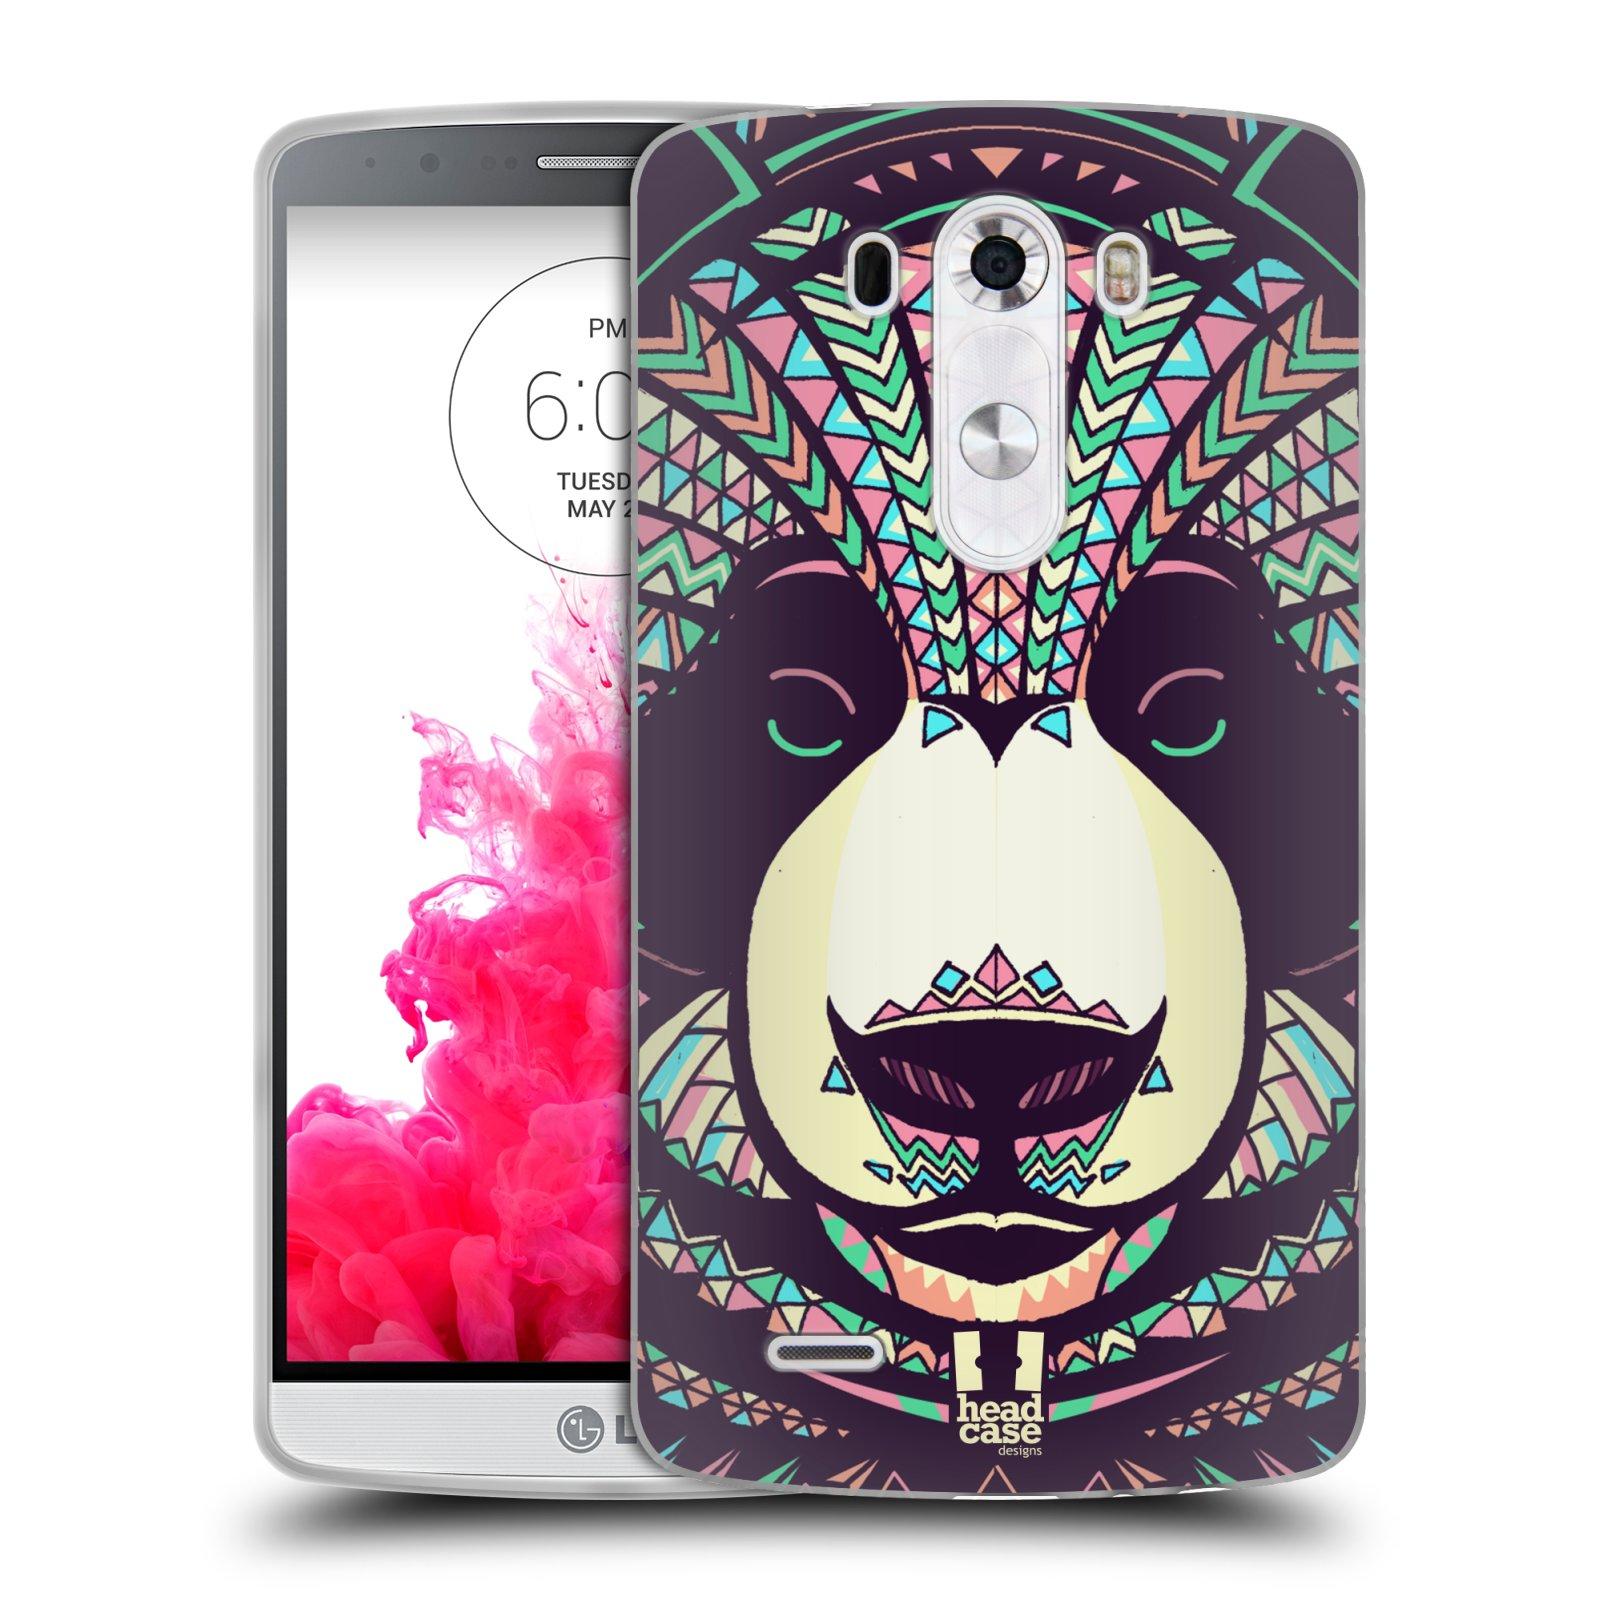 Silikonové pouzdro na mobil LG G3 HEAD CASE AZTEC PANDA (Silikonový kryt či obal na mobilní telefon LG G3 D855)